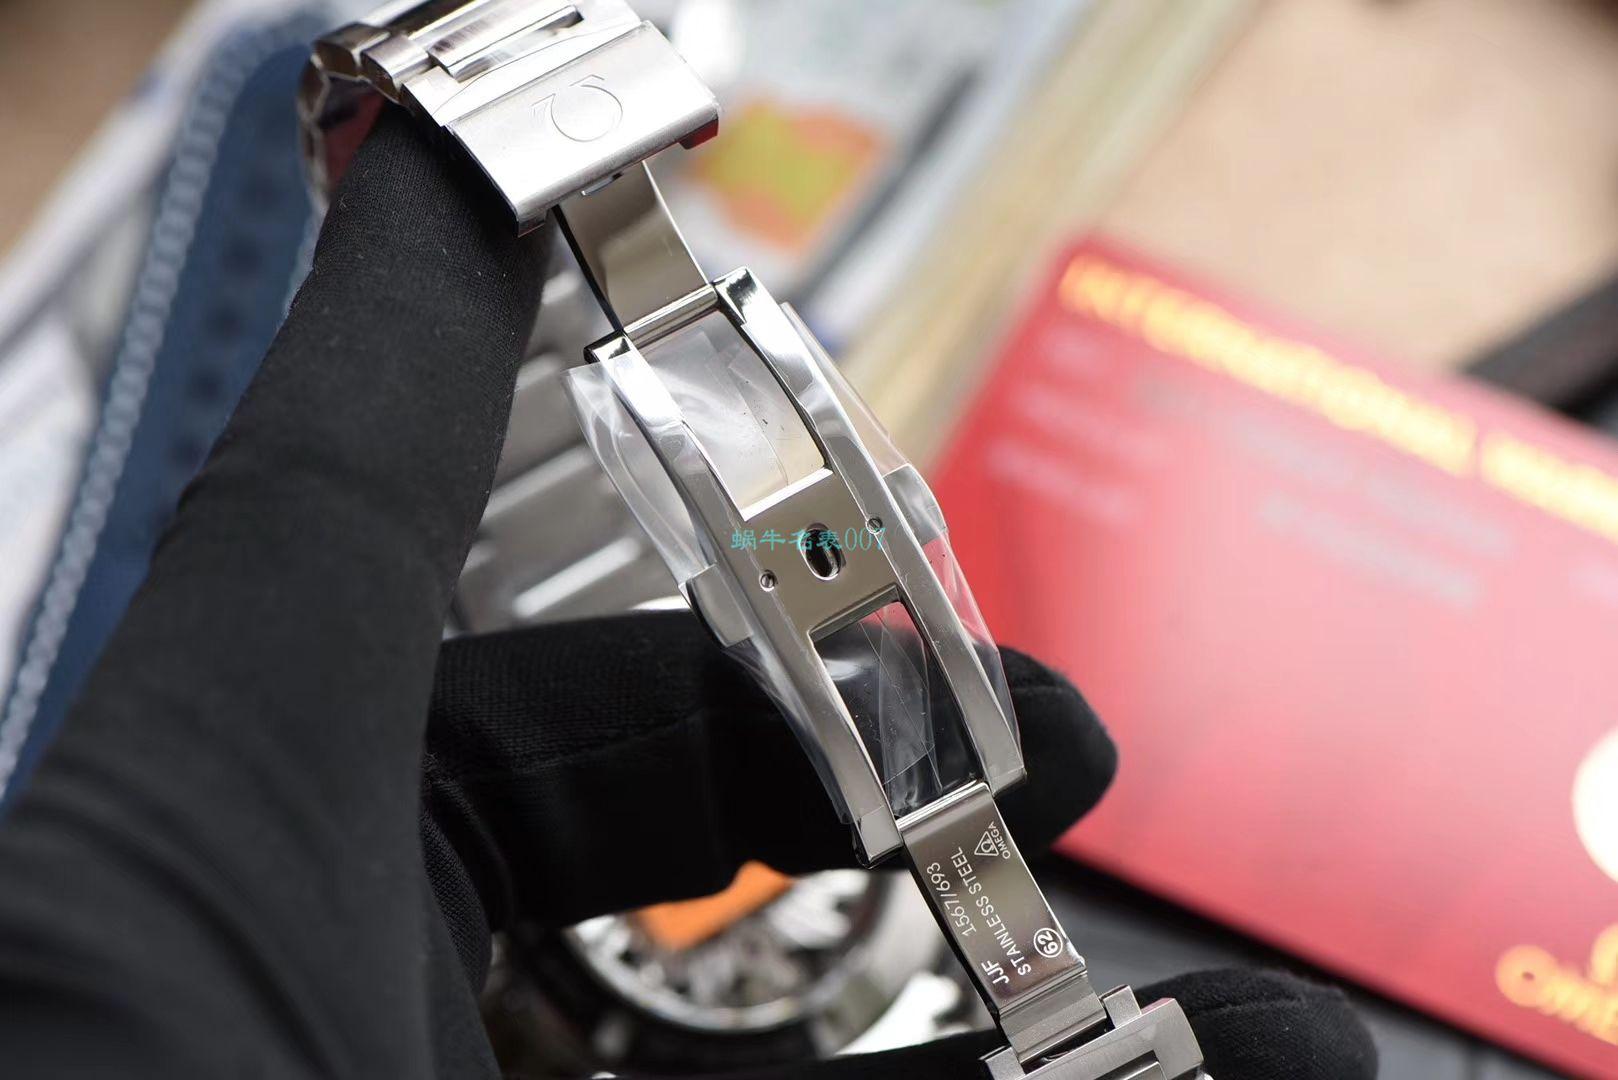 【视频】VS厂官网欧米茄海马150米里约波浪白盘231.10.42.21.02.006腕表 / M691